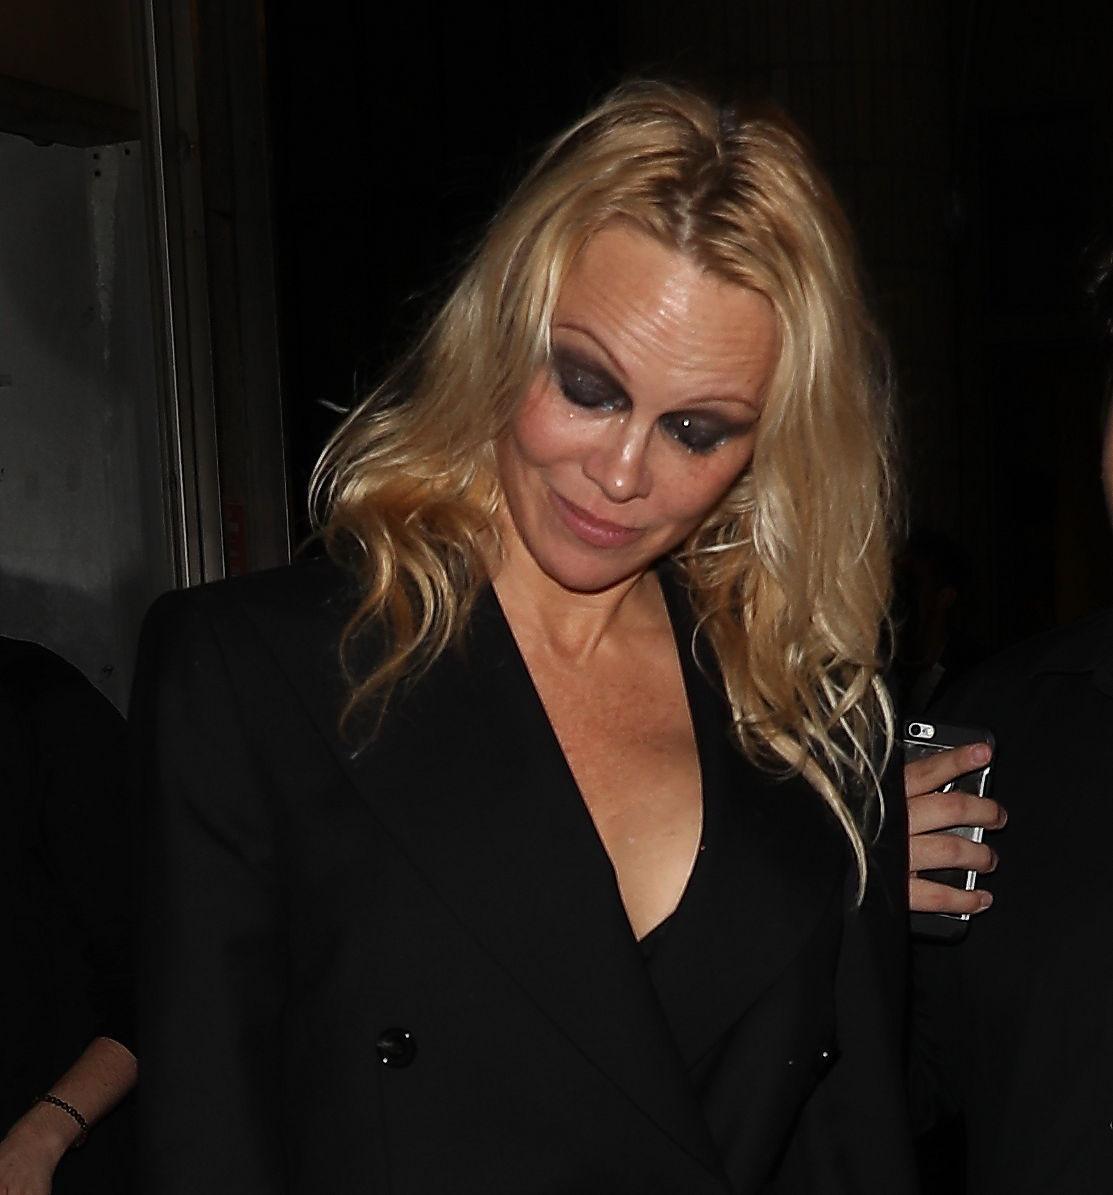 Musta silmämeikki ei ole Pamelan tyyliin sopiva.